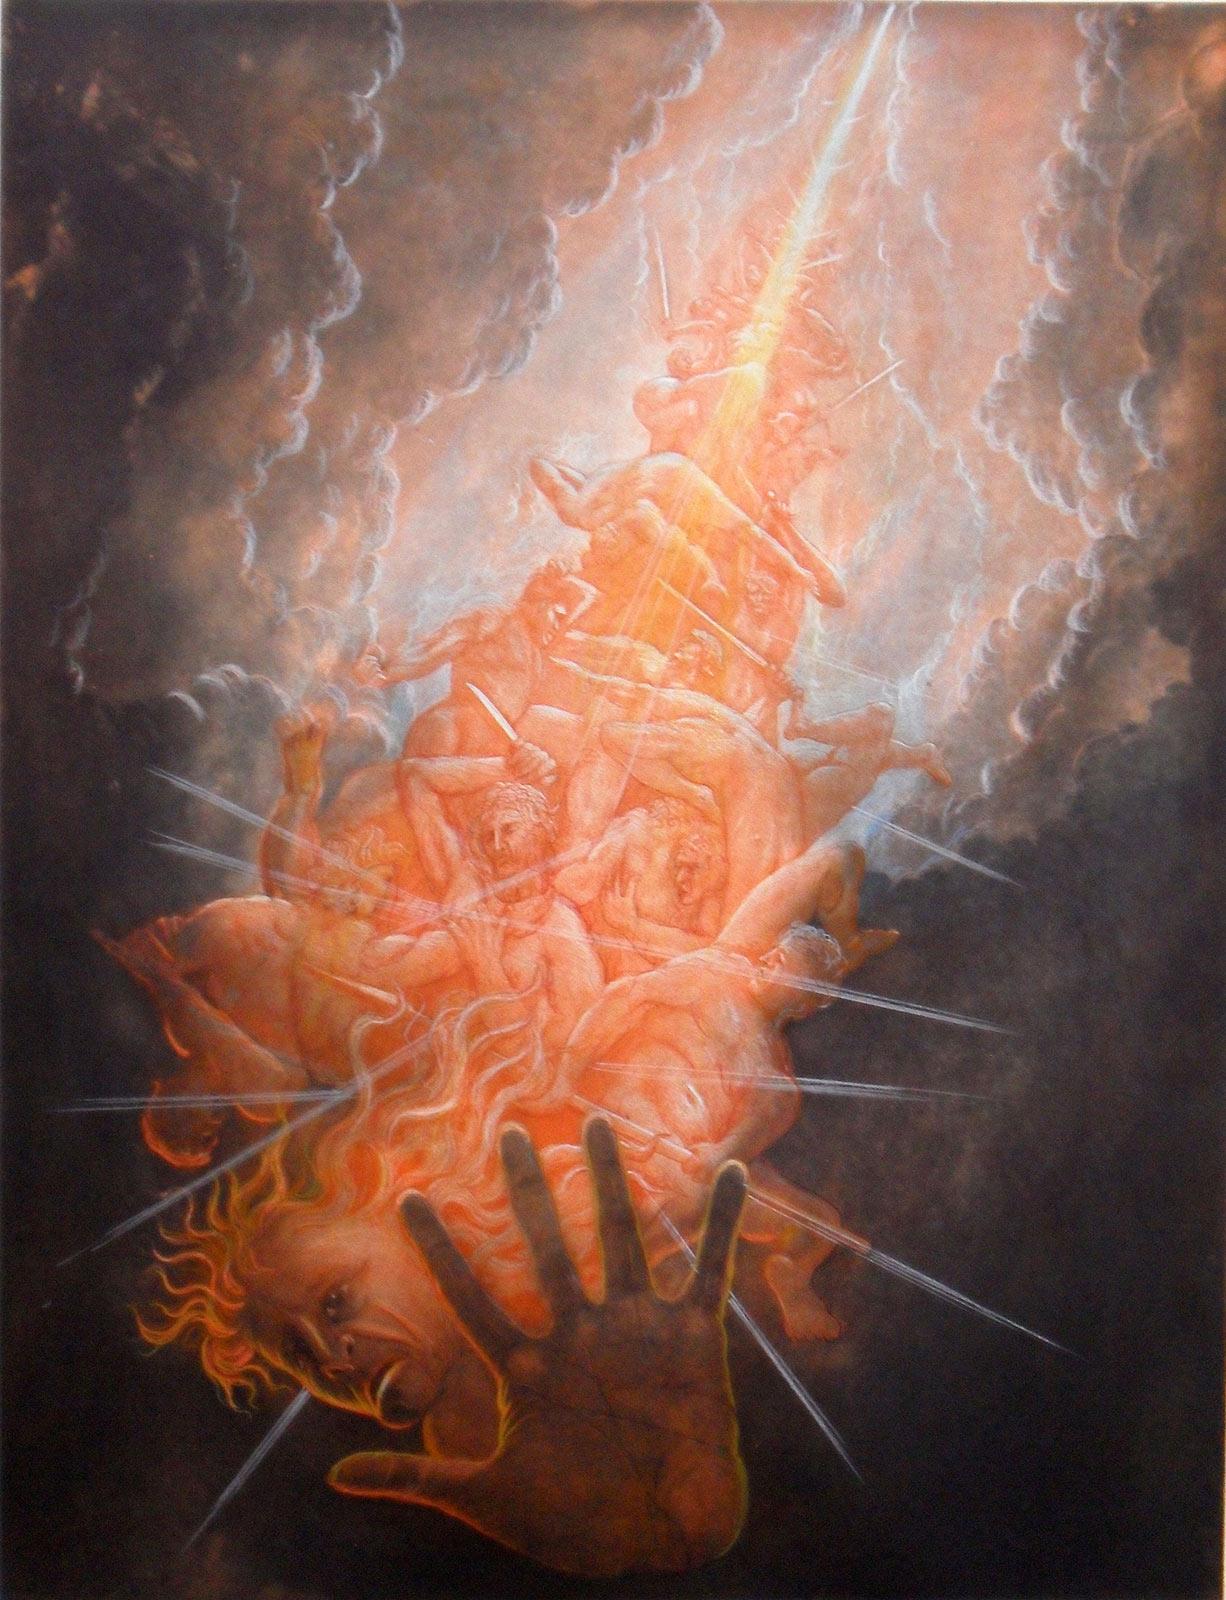 der ewige kampf in der geschichte der menschheit